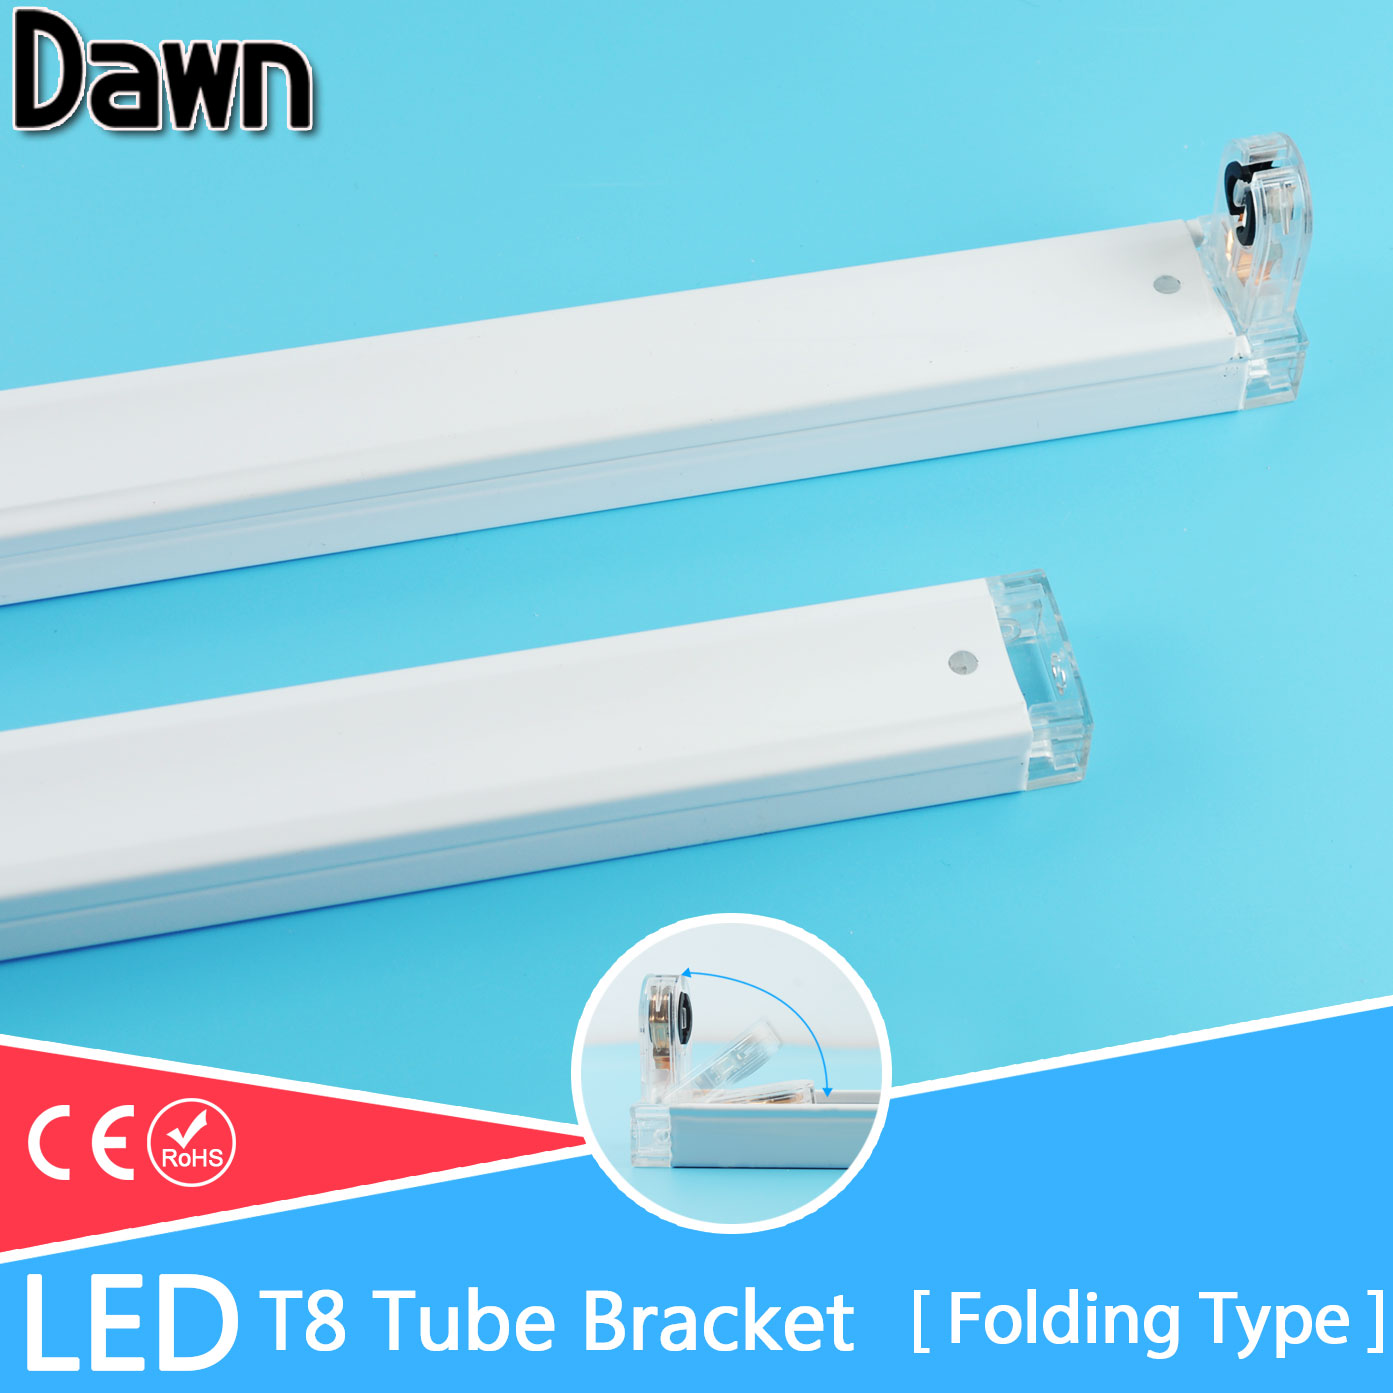 Free Shipping Folding Type T8 LED Tube Fixtures Bracket For 2Ft 60cm 600mm Fluorescent Lamp Tube Light/Support/Base/Holder Tube